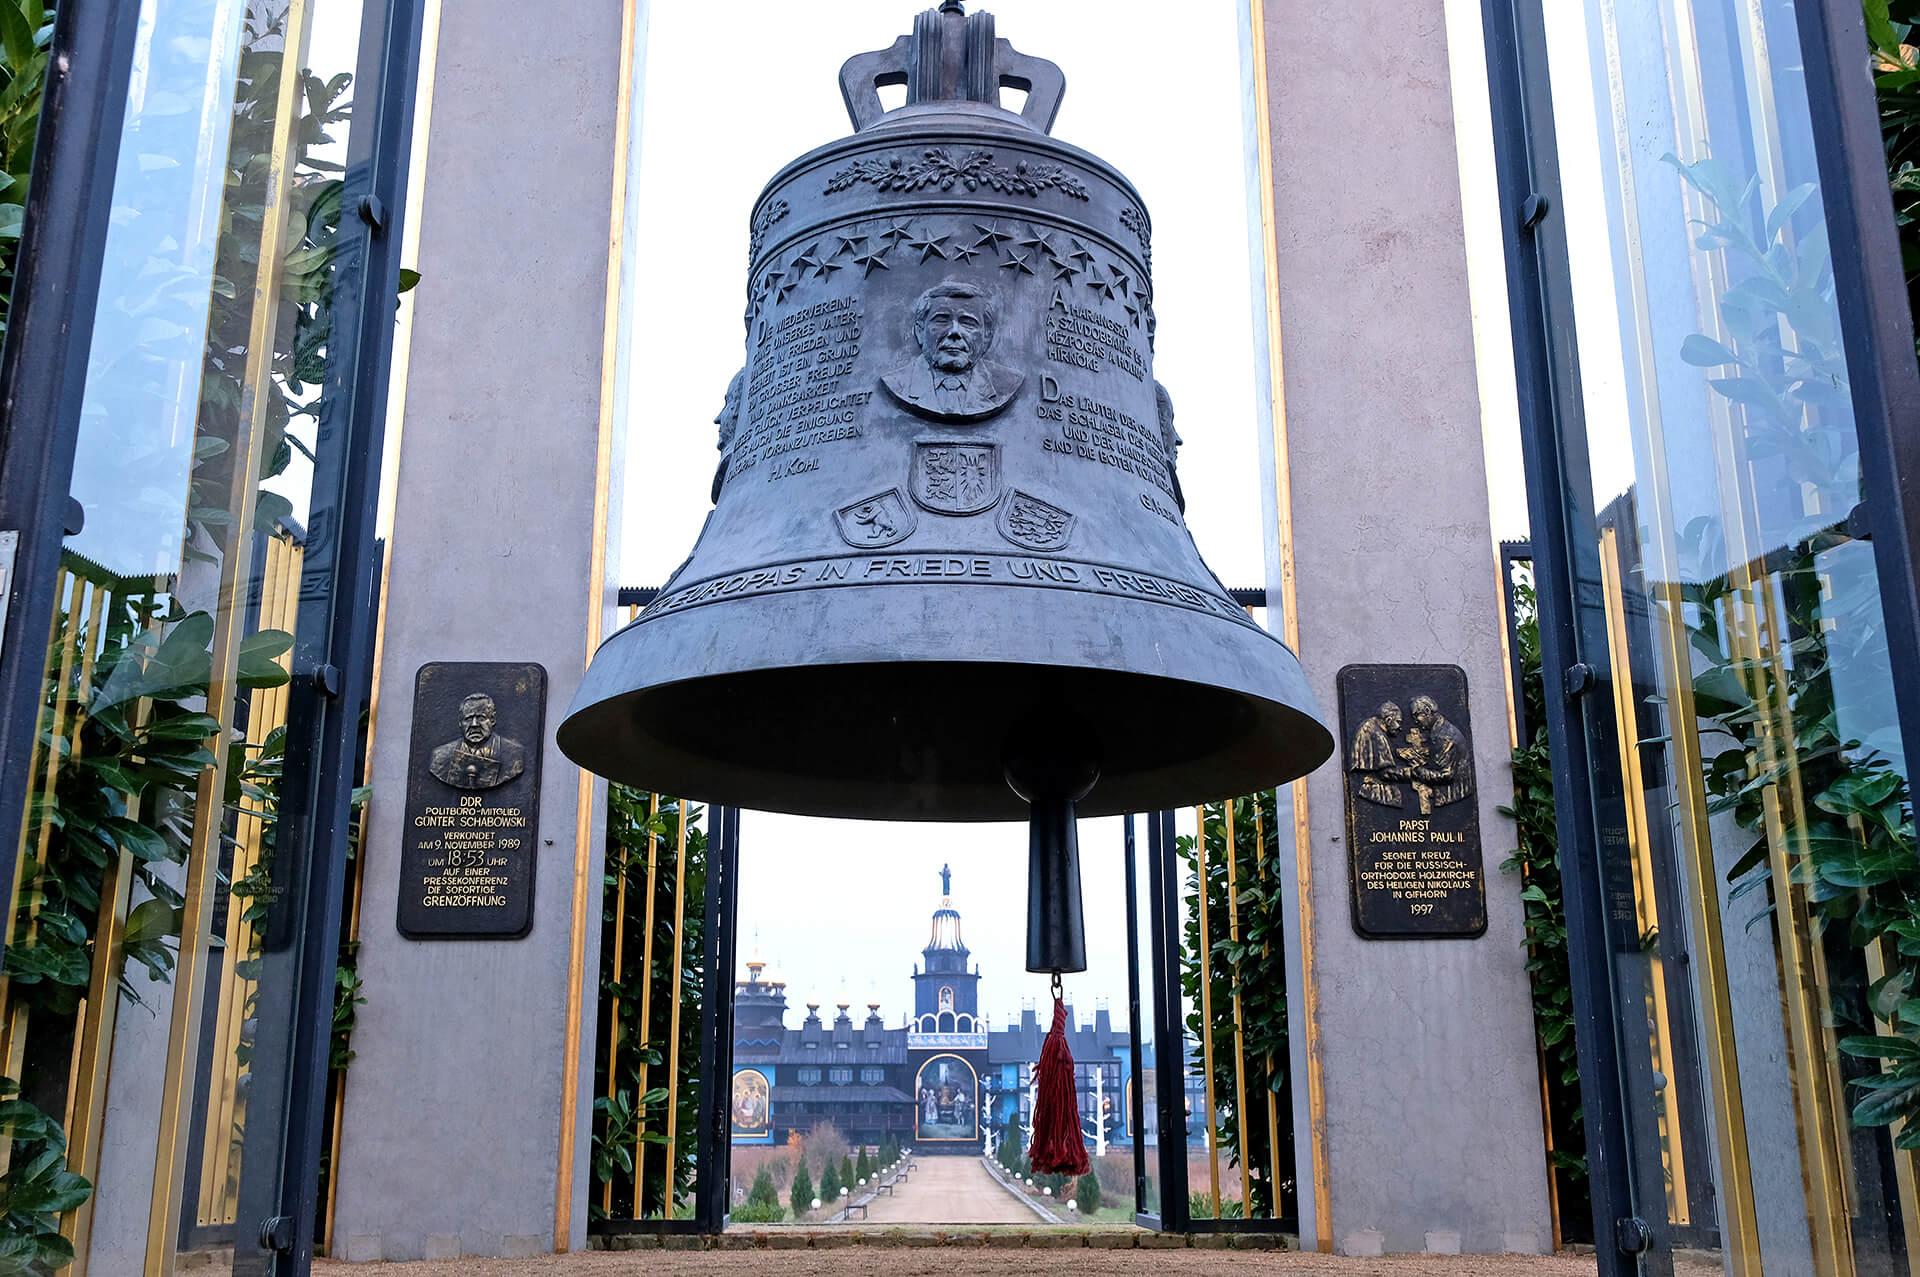 Glocke der Europäischen Freiheitsglocke nahe dem Mühlenmuseum Gifhorn